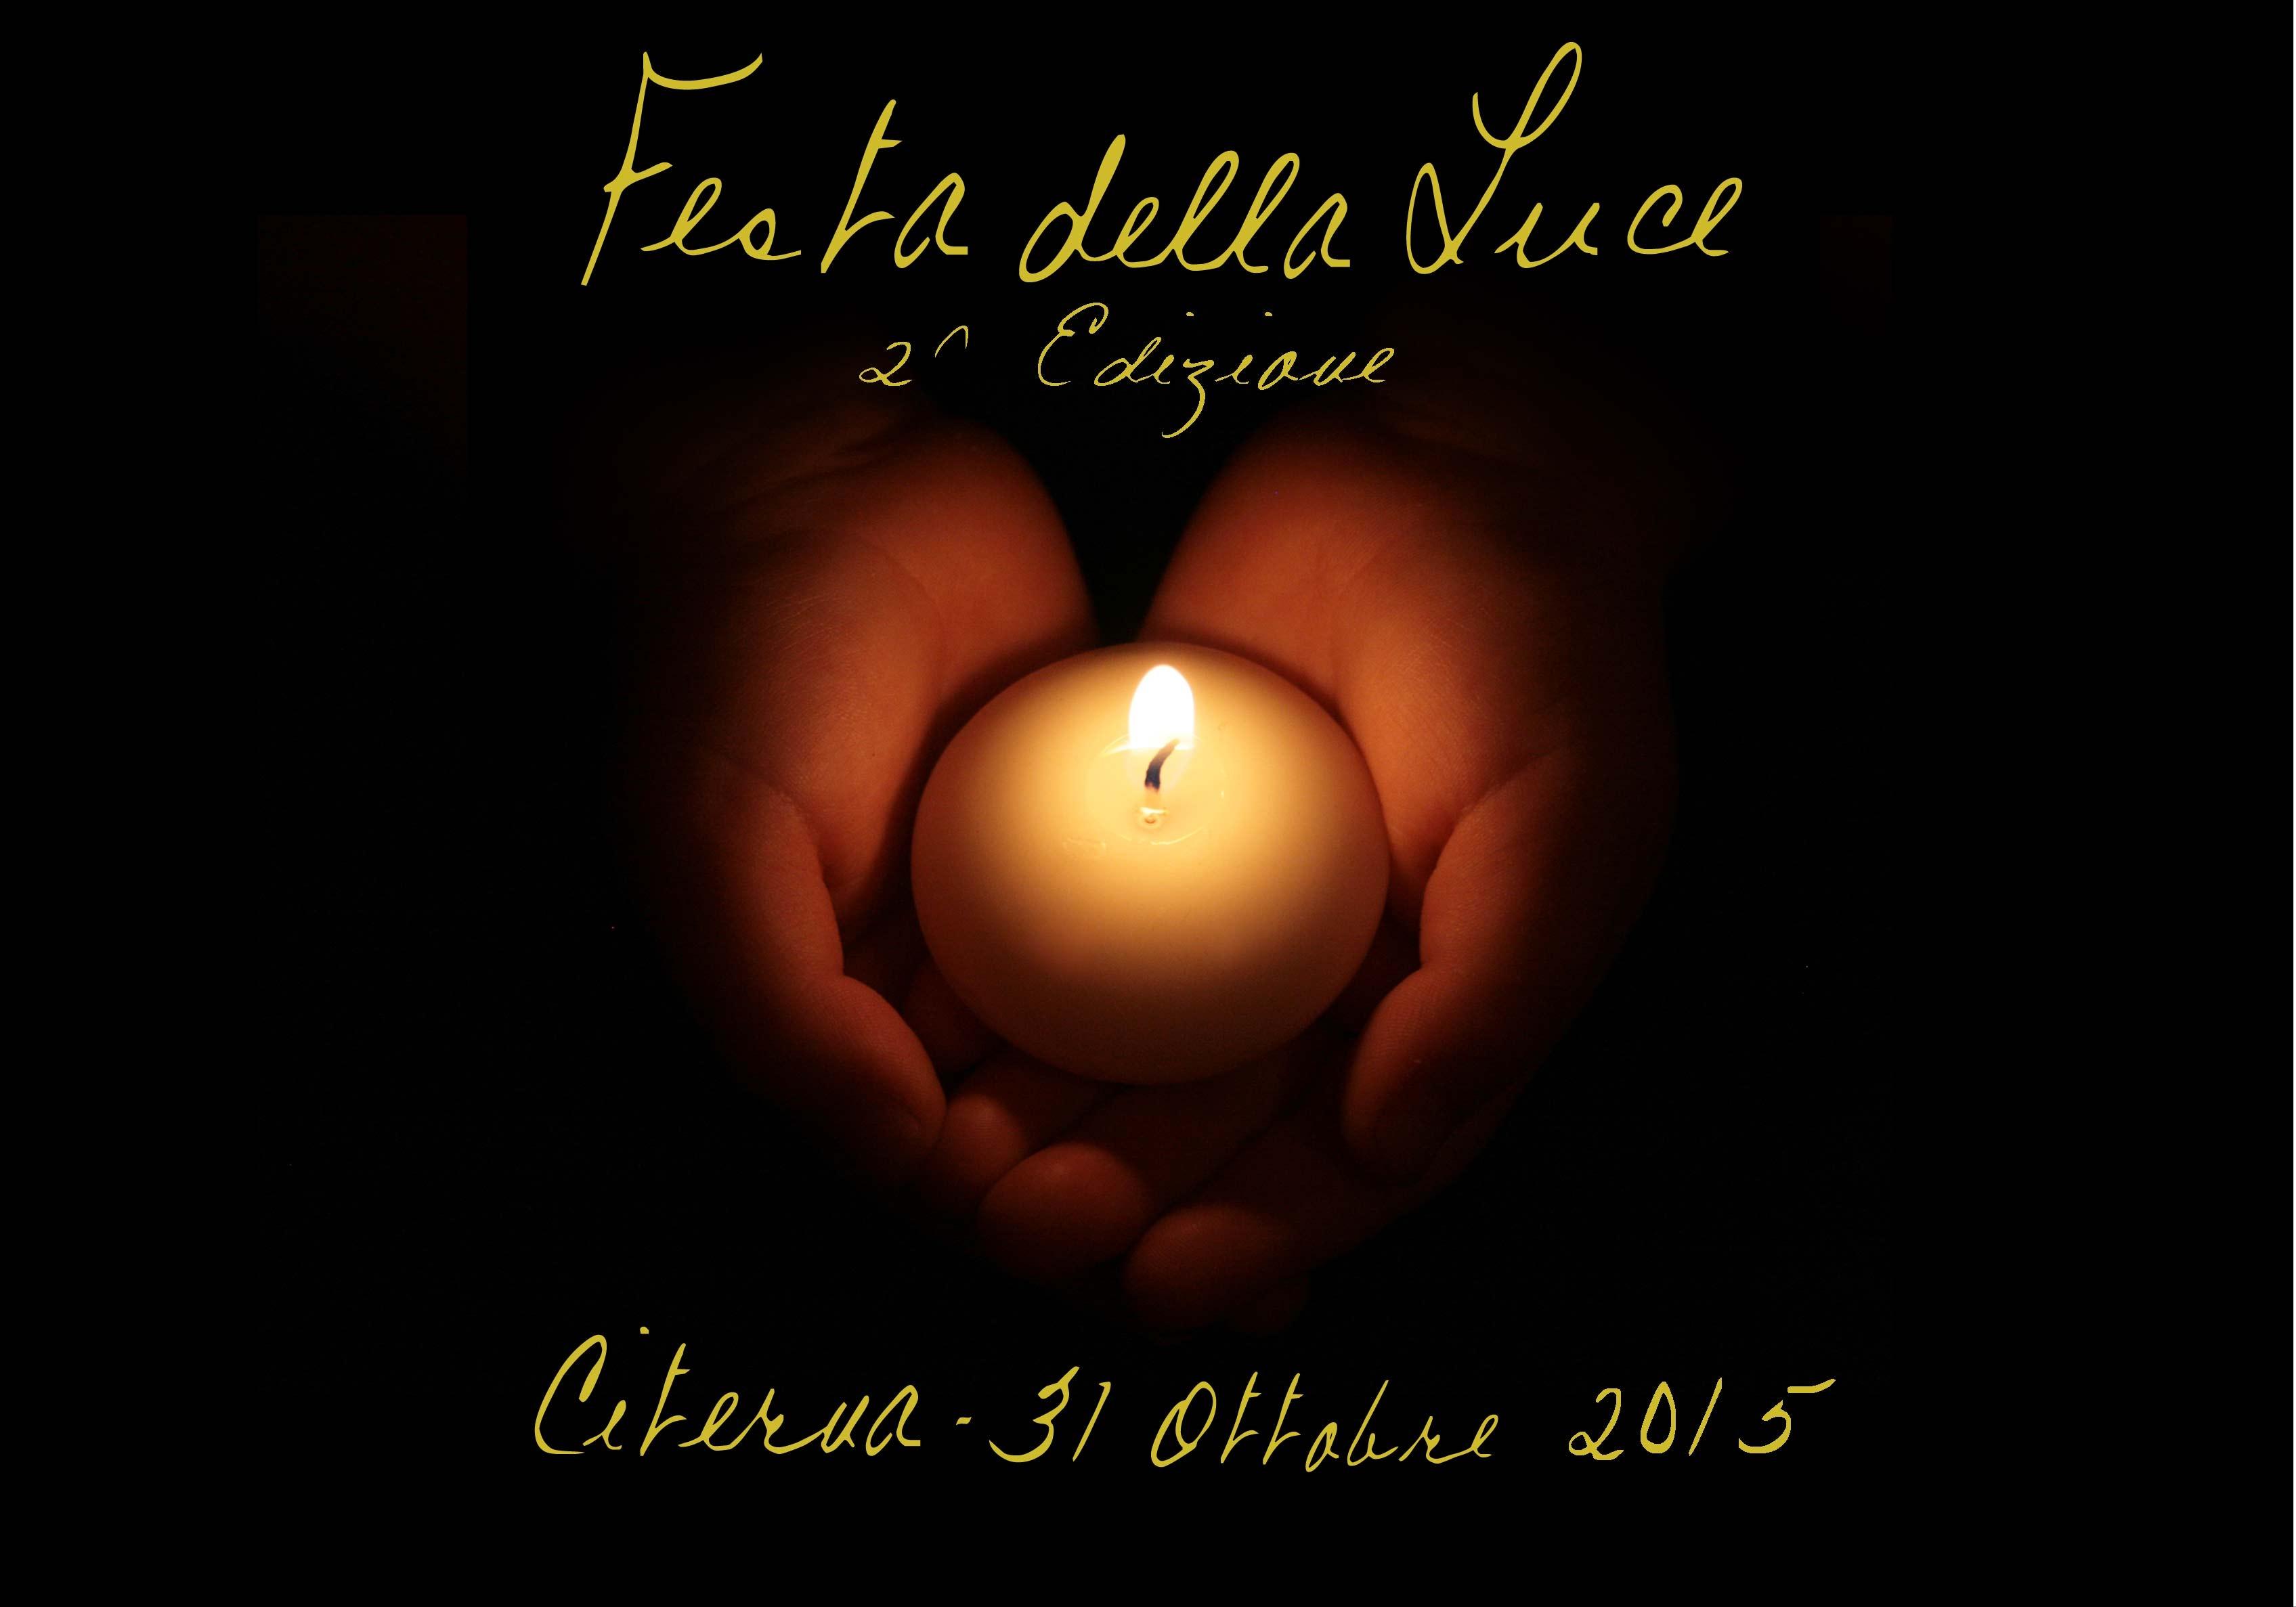 FestaDellaLuce 1 - Festa della Luce